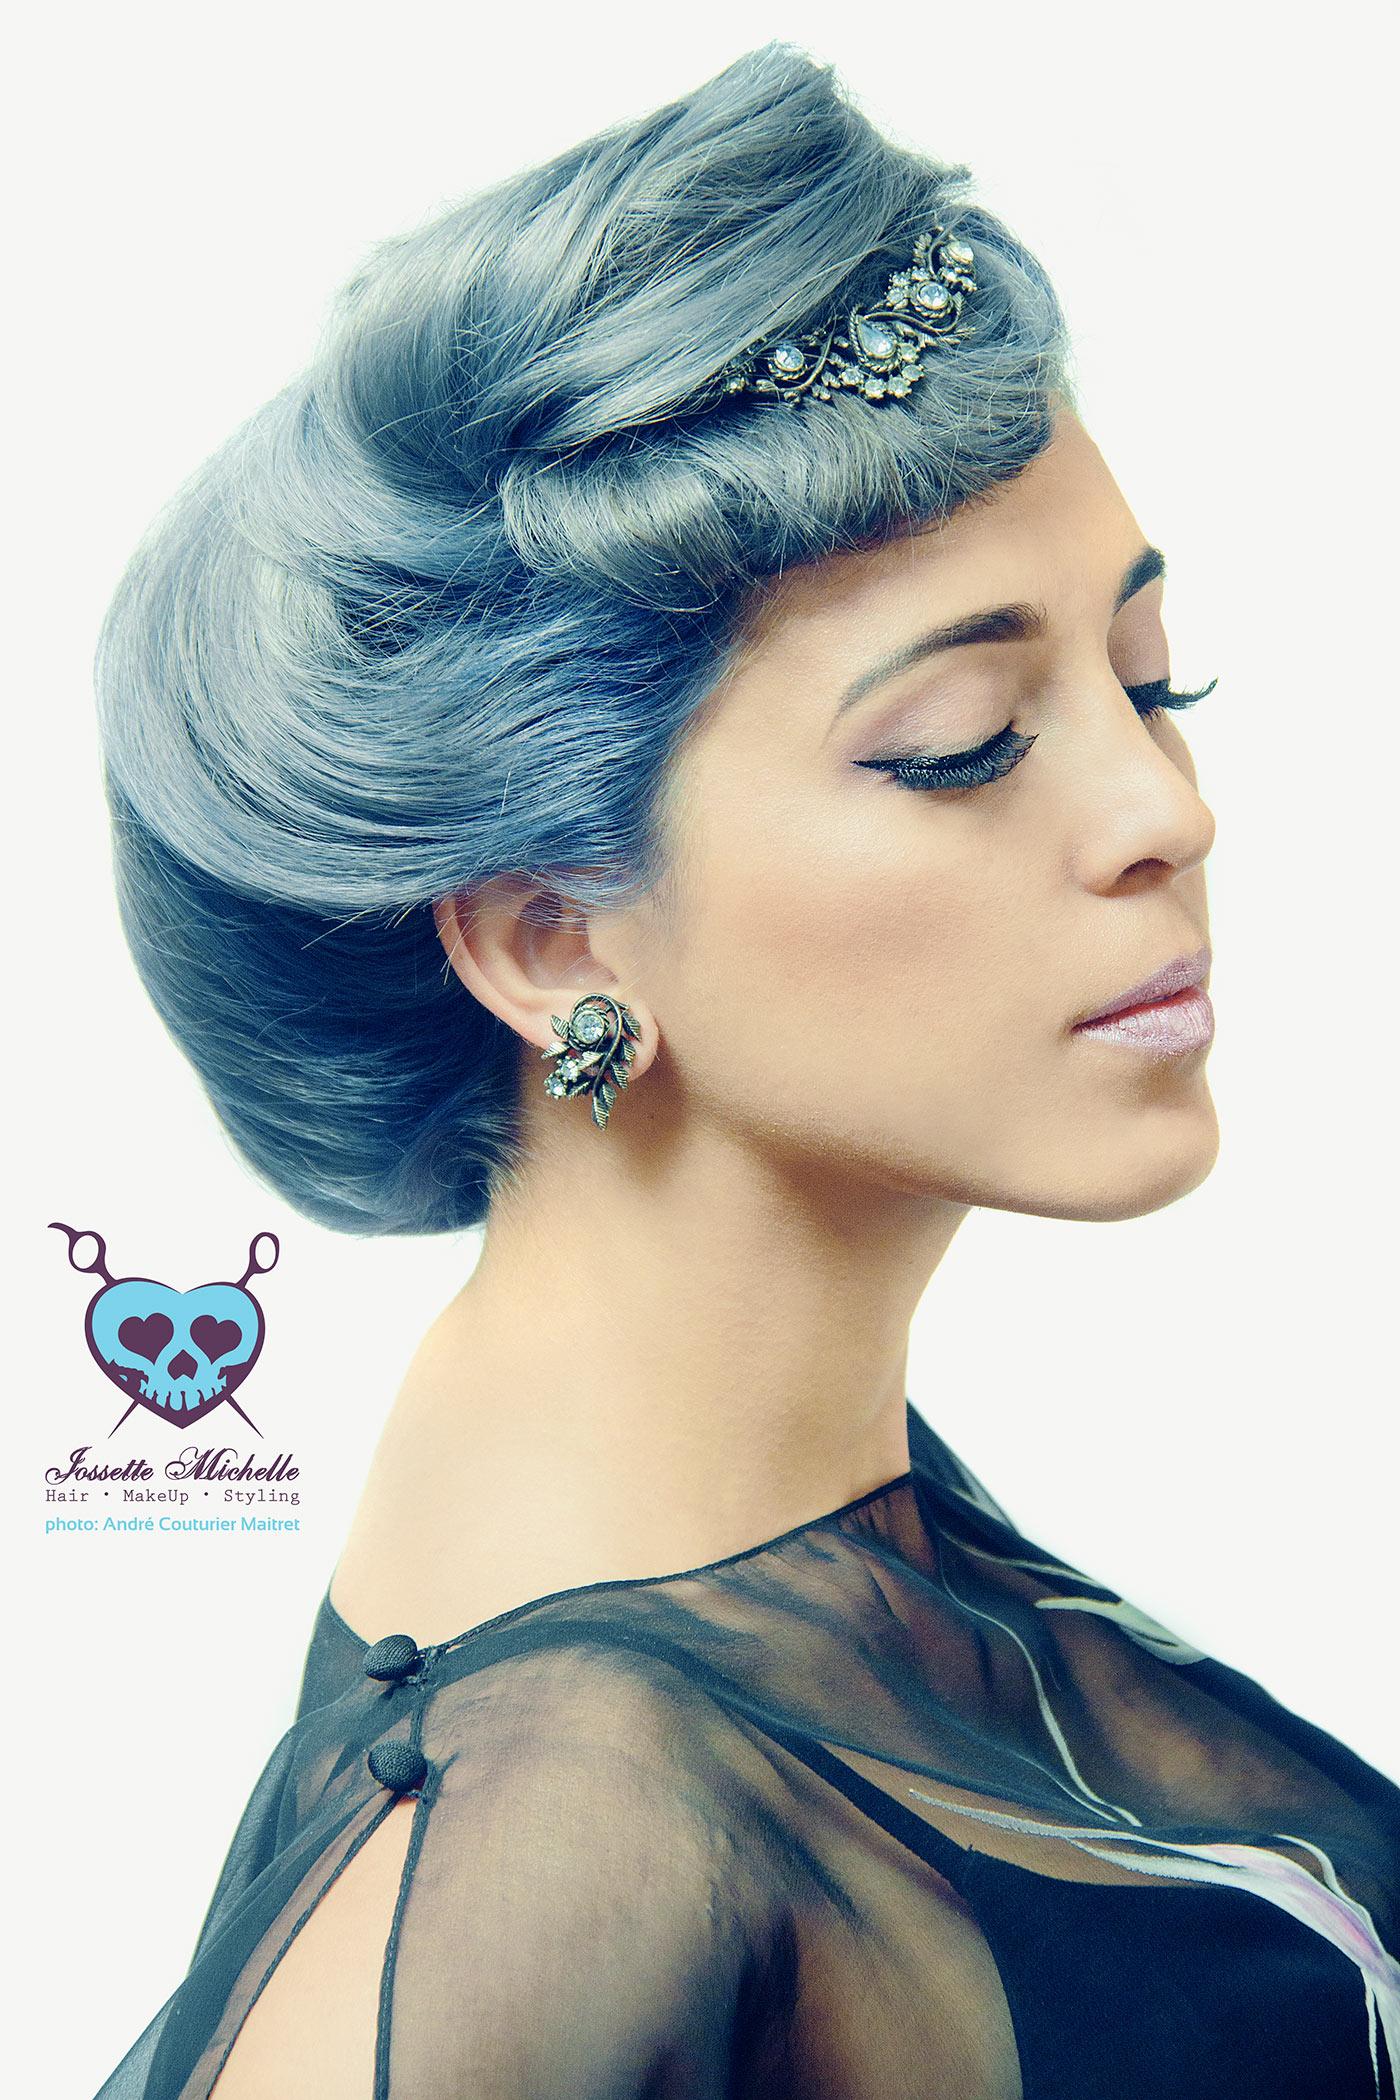 JossetteMichelle-Hair_7748